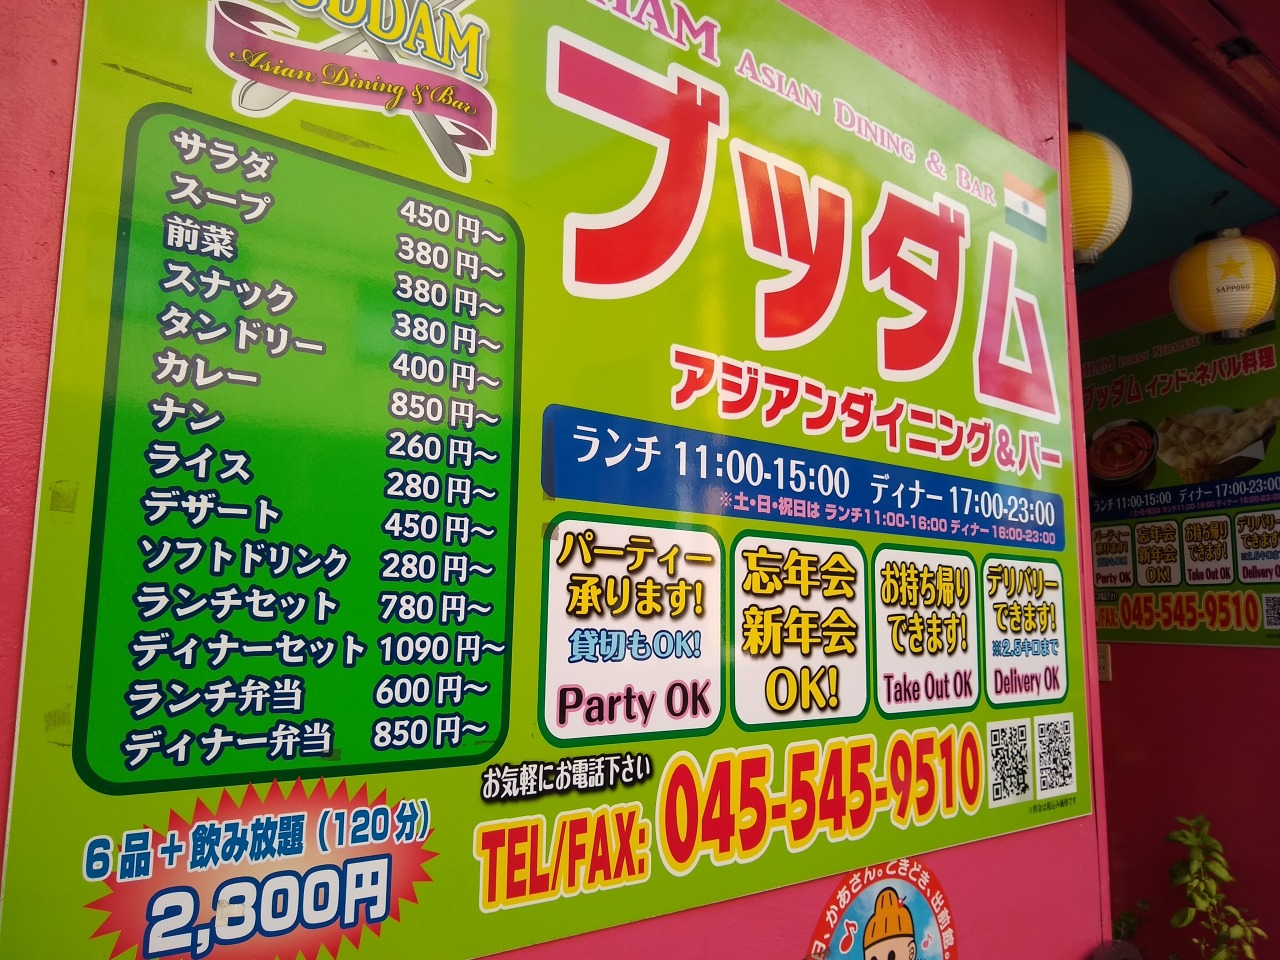 ブッダム綱島店メニュー